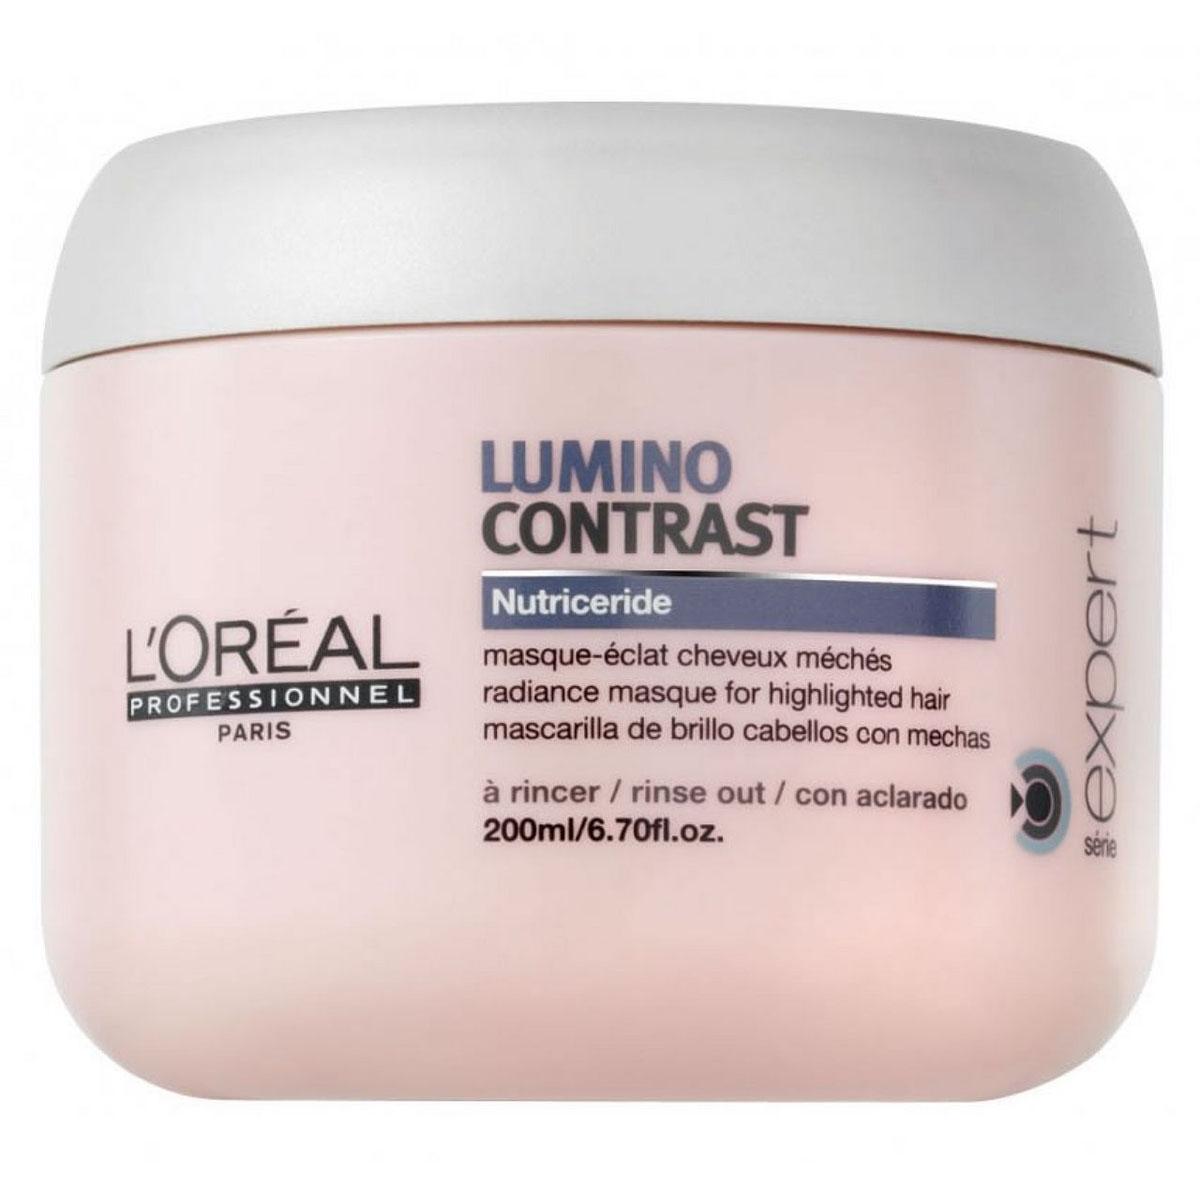 LOreal Professionnel Маска-сияние Expert Lumino Contrast - 200 млE3001876Как известно, мелированным волосам необходим особый уход, который отличается от ухода за окрашенными волосами. Специально для мелированных прядей была создана маска-сияние Люмино Контраст, которая справляется с несколькими задачами: Препятствует вымыванию цвета, питает волосы.Разглаживает волосы, создавая на них плёнку, которая защищает их от неблагоприятного воздействия внешних факторов.Дарит волосам сияние, шелковистость, гладкость и наполняет их энергией. Способствует восстановлению липидного баланса мелированных прядей, благодаря особой технологии Nutriceride. Облегчает процесс укладки и расчёсывание.